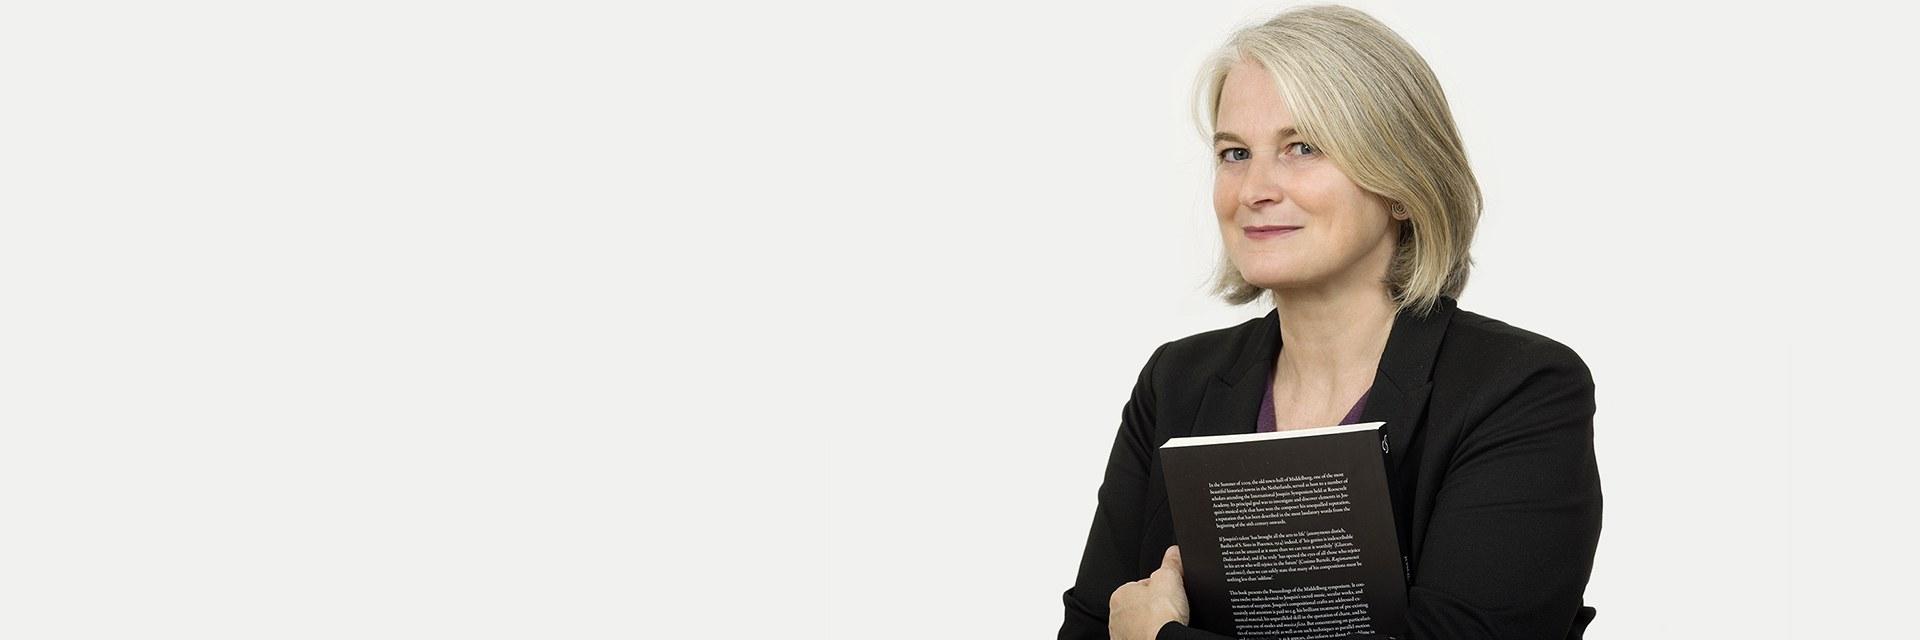 Dr. Agnese Pavanello